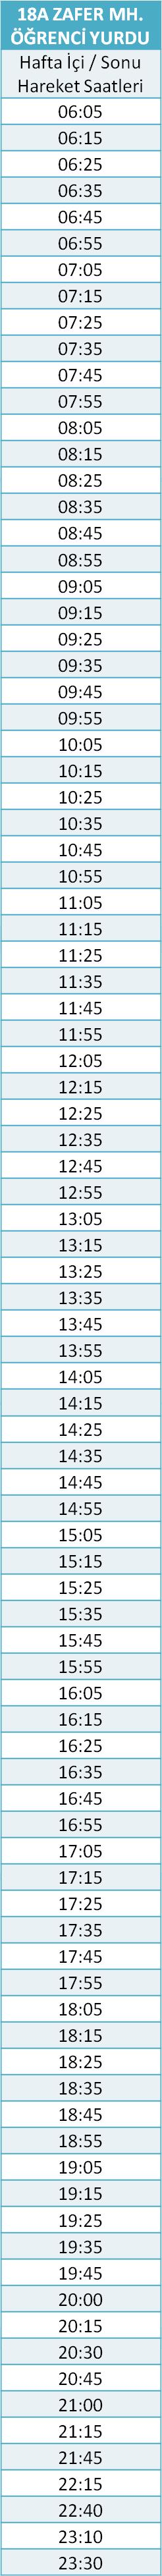 18 - ZAFER MH. HATTI Otobüsü Saatleri